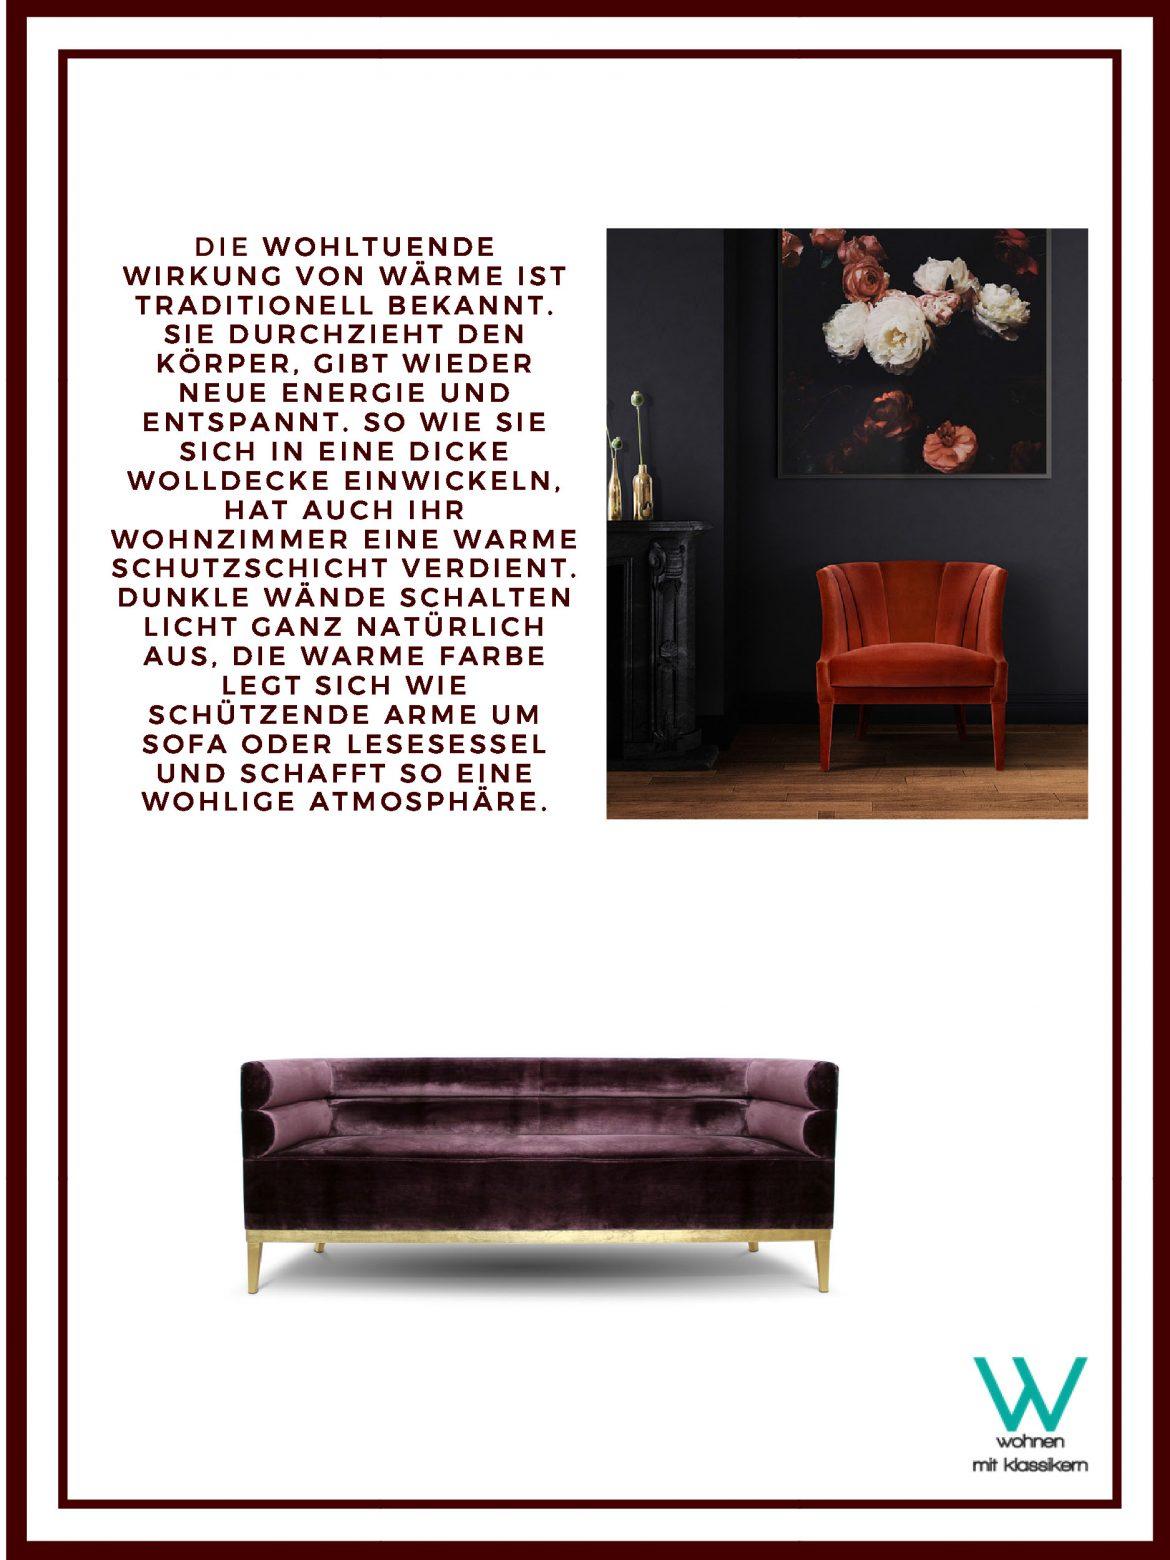 luxuriöse Möbel Das luxuriöse Möbel Geheimnisse der Gemütlichkeit DAS LUXURI  SE GEHEIMNIS DER GEM  TLICHKEIT 3